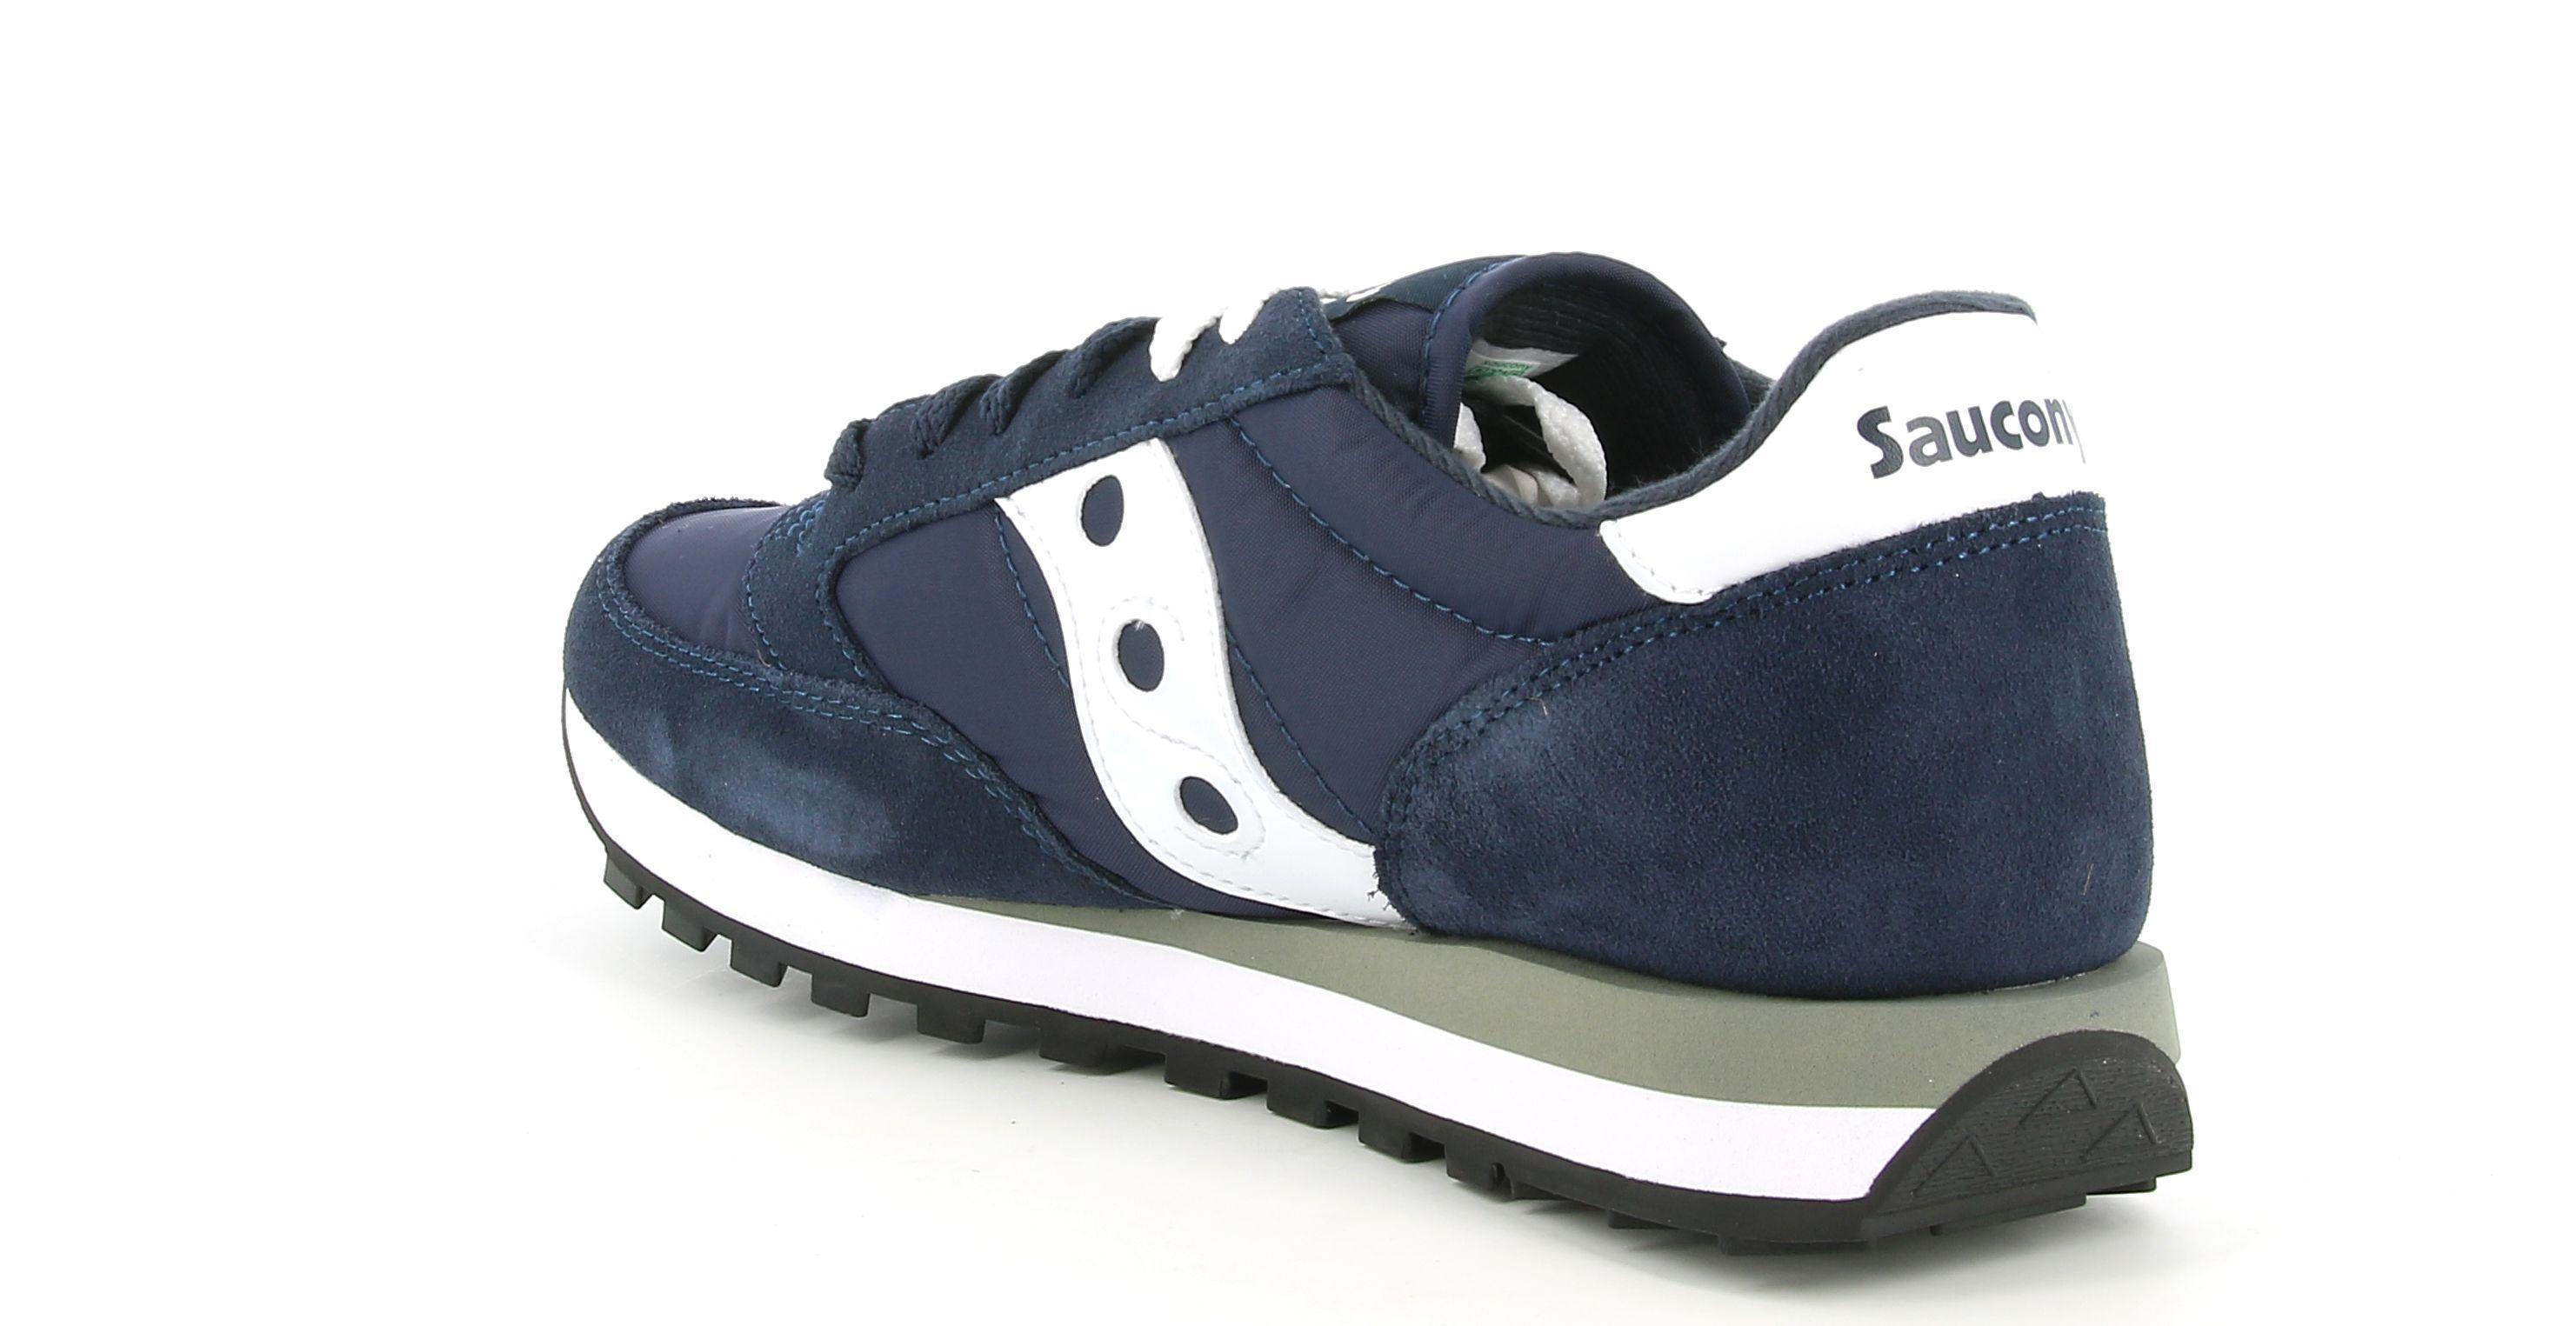 saucony saucony jazz s2044-316 sneakers  uomo navy/white